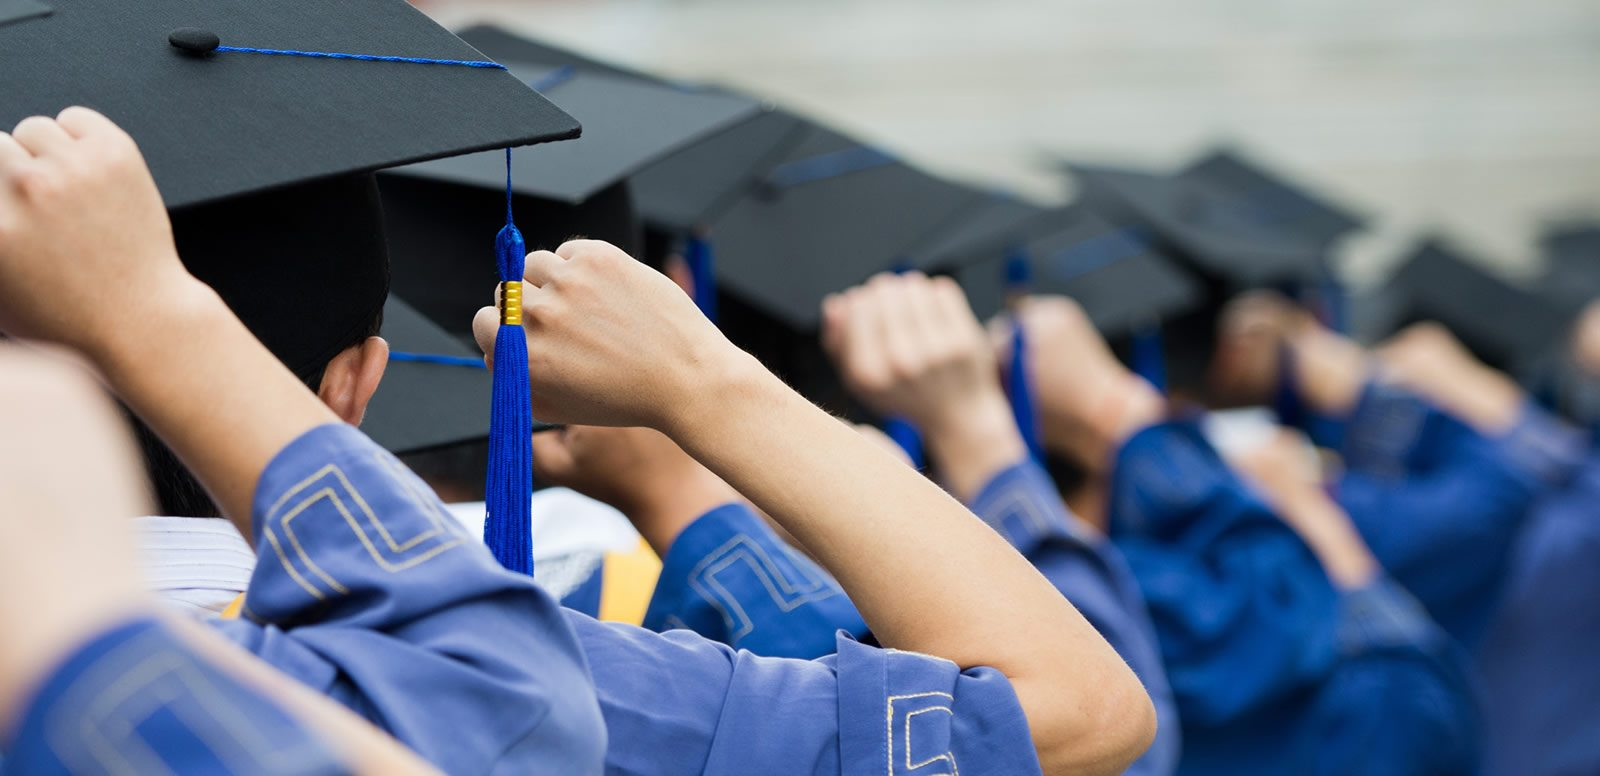 Les bourses d'études américaines